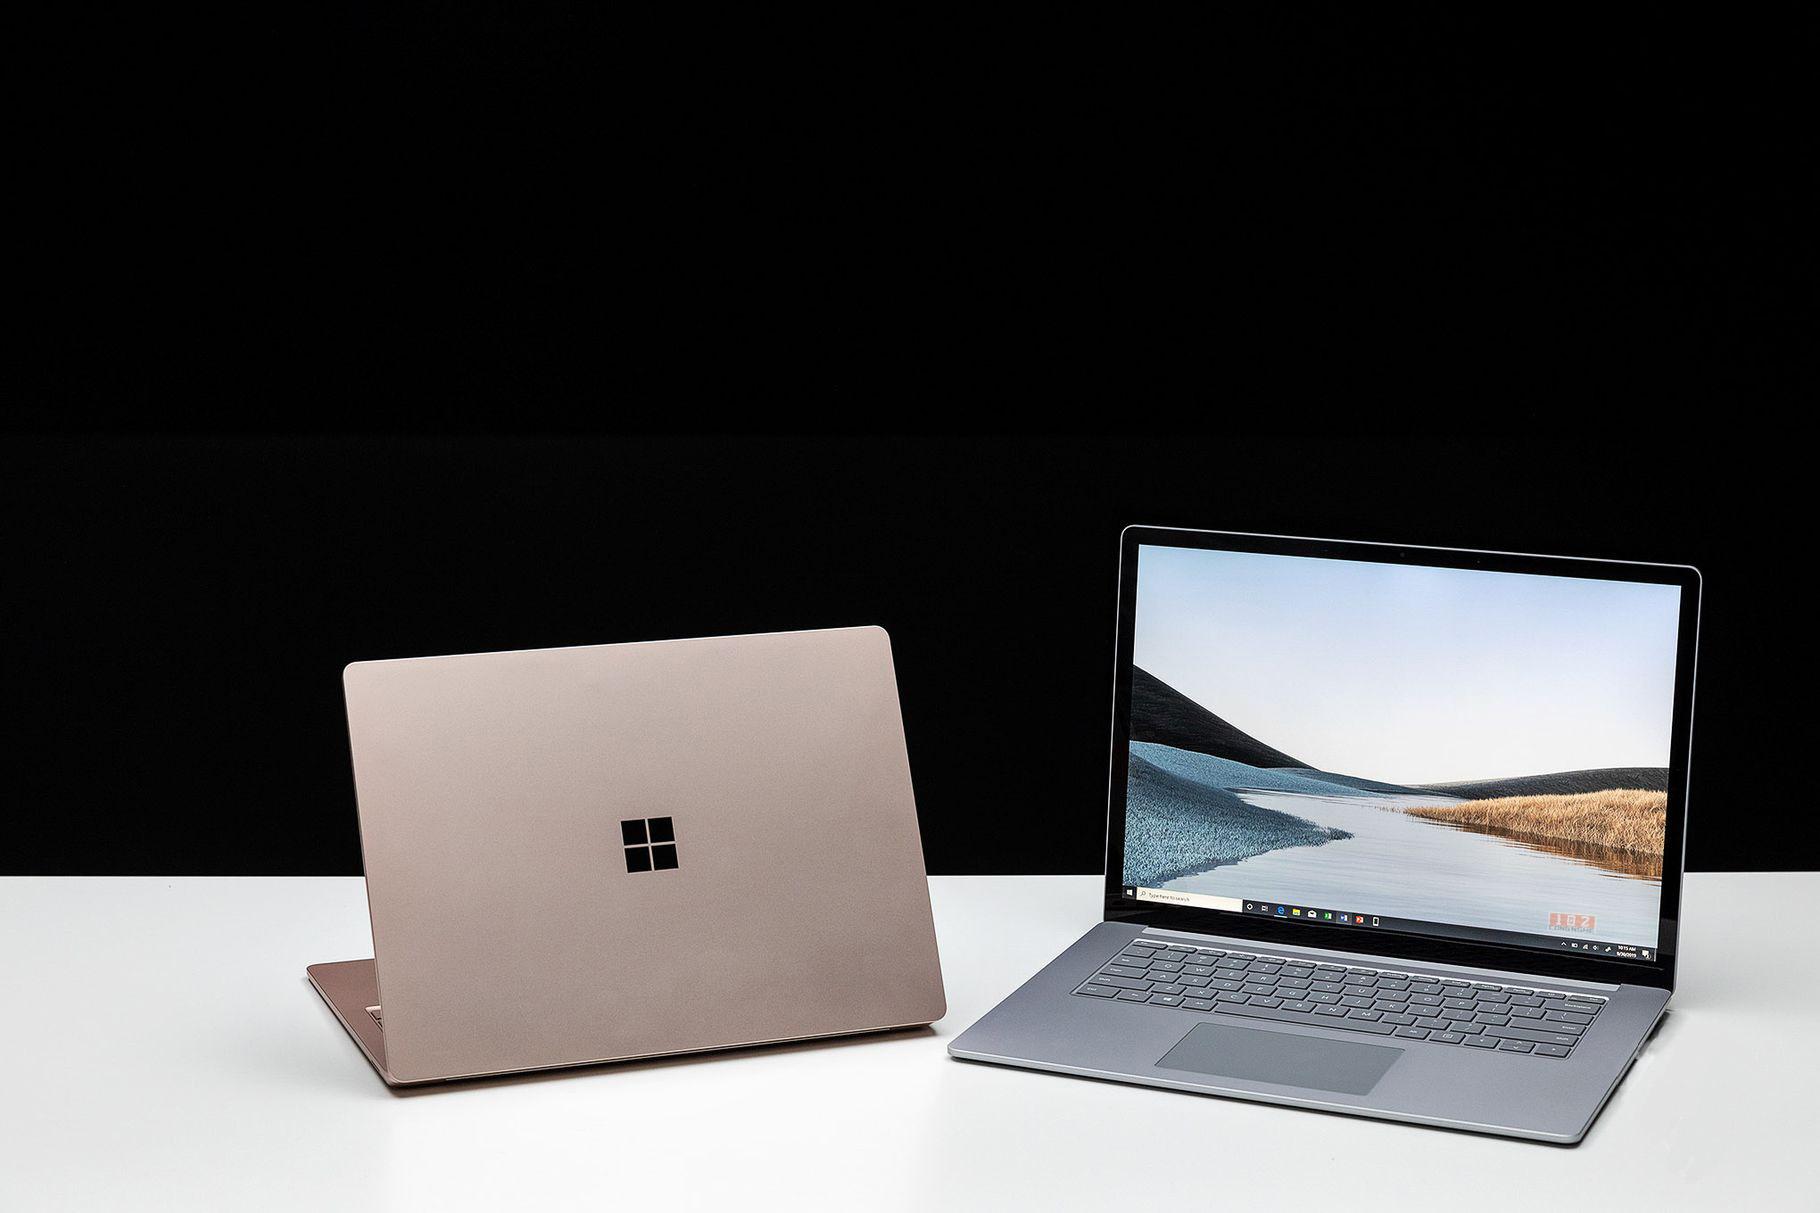 Microsoft cho biết các thiết bị Surface không có Thunderbolt do lo ngại bảo mật